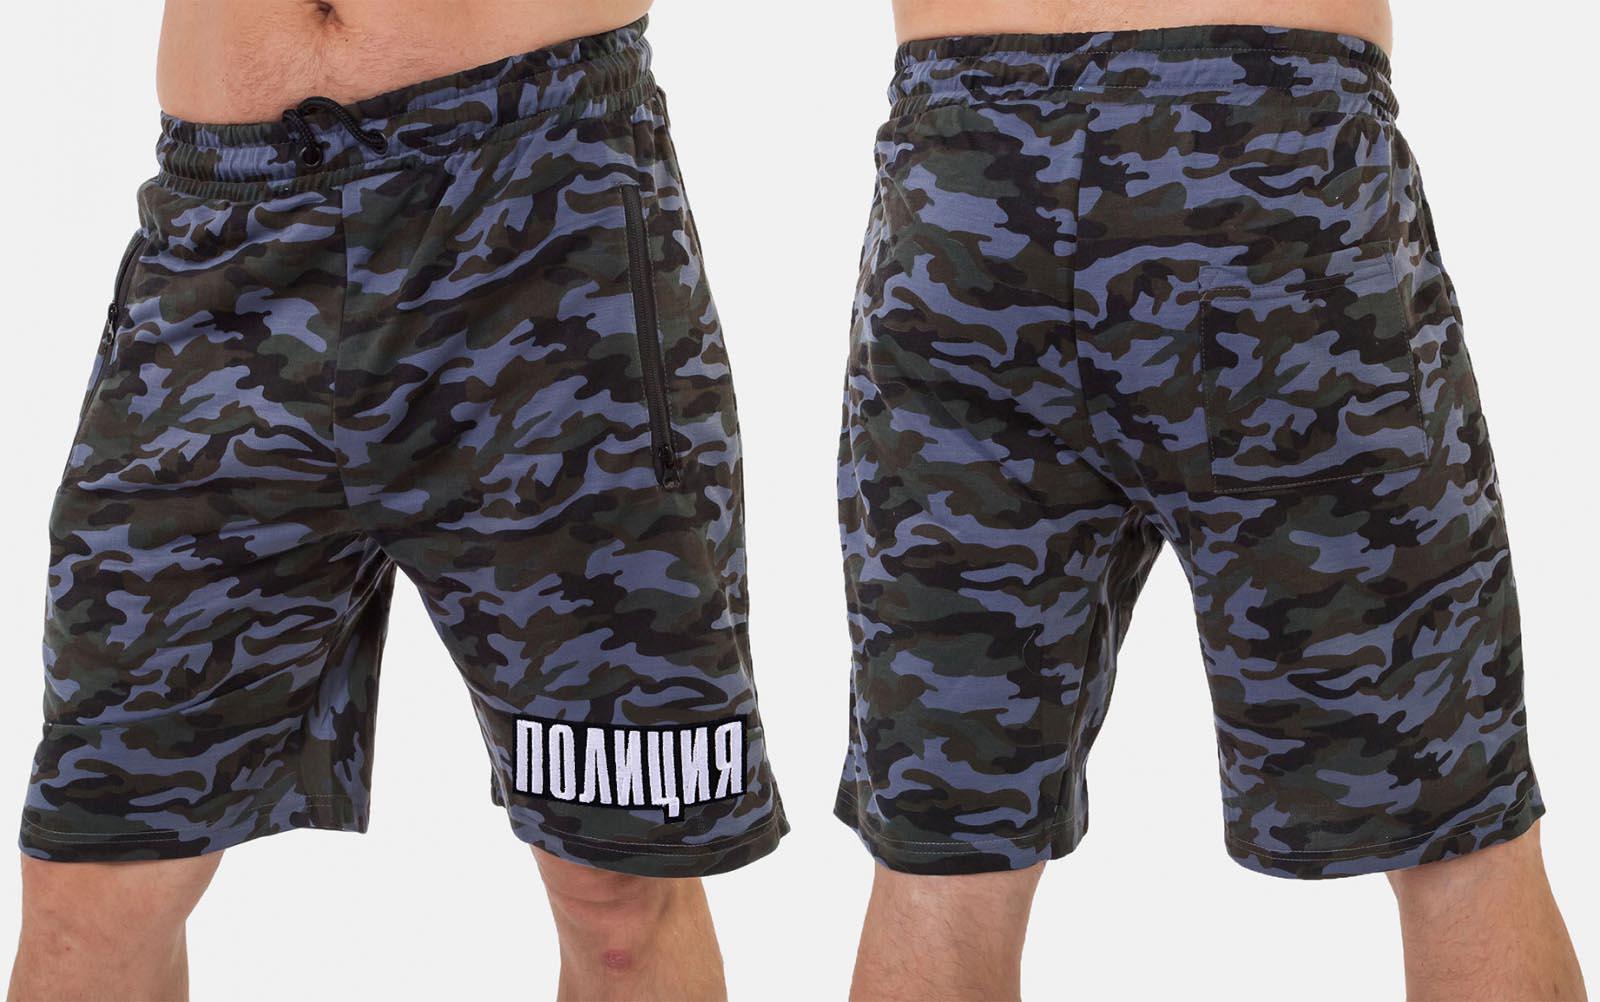 Камуфляжные мужские шорты с нашивкой ПОЛИЦИЯ - купить онлайн